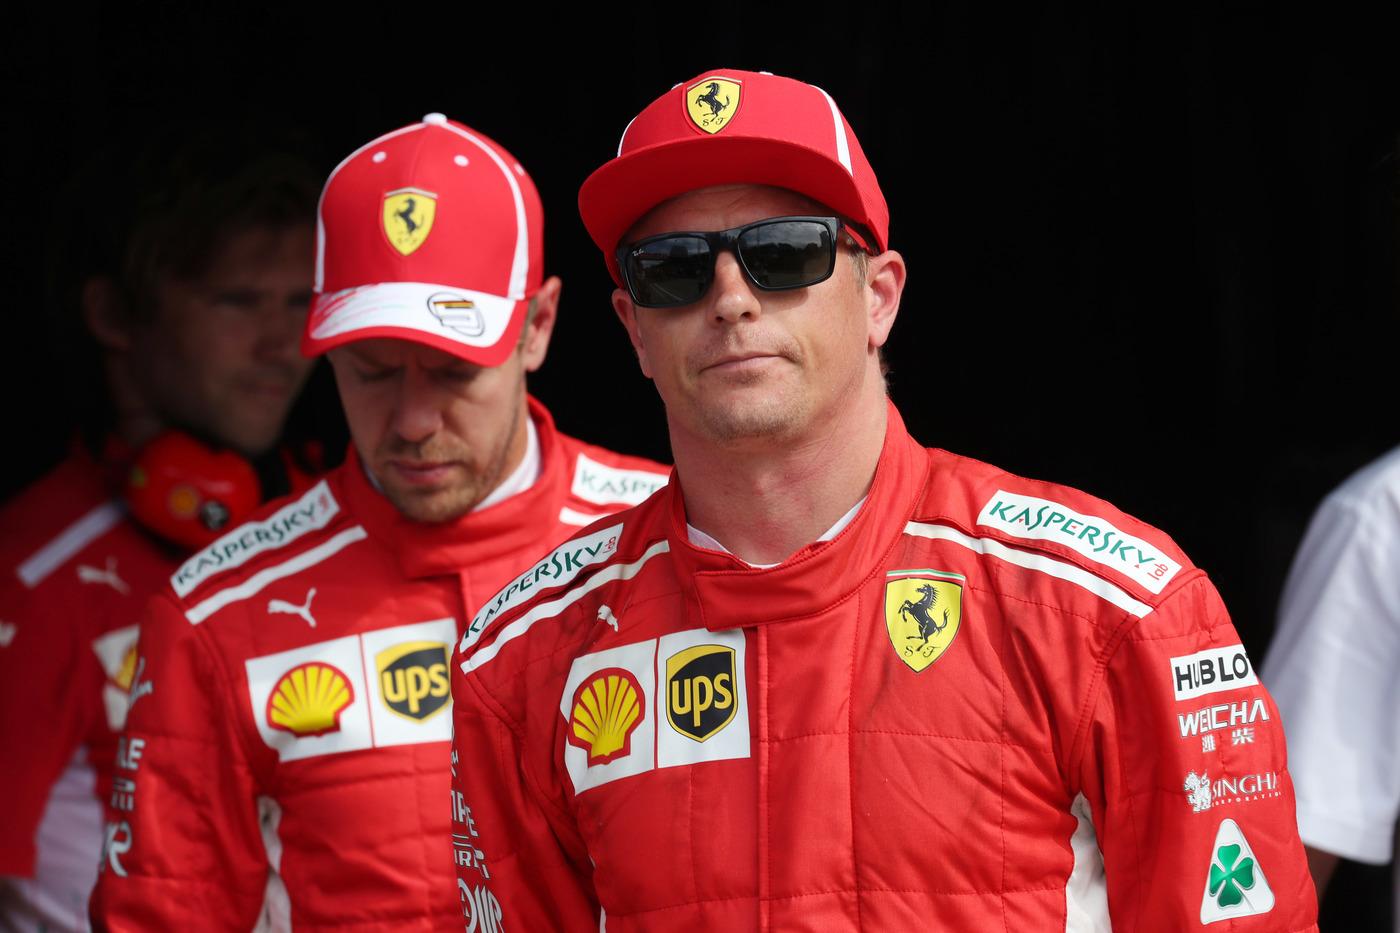 d20bdb50d2 F1 - Parole sorprendenti di Vettel contro il suo compagno di squadra ...